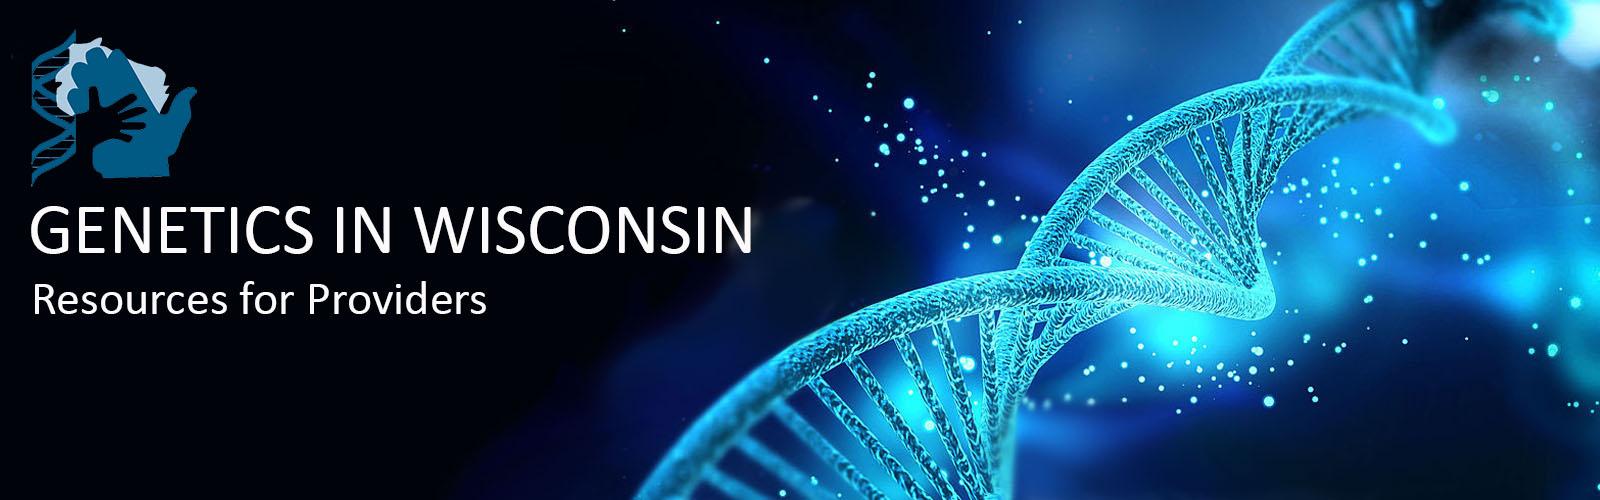 Genetics in Wisconsin